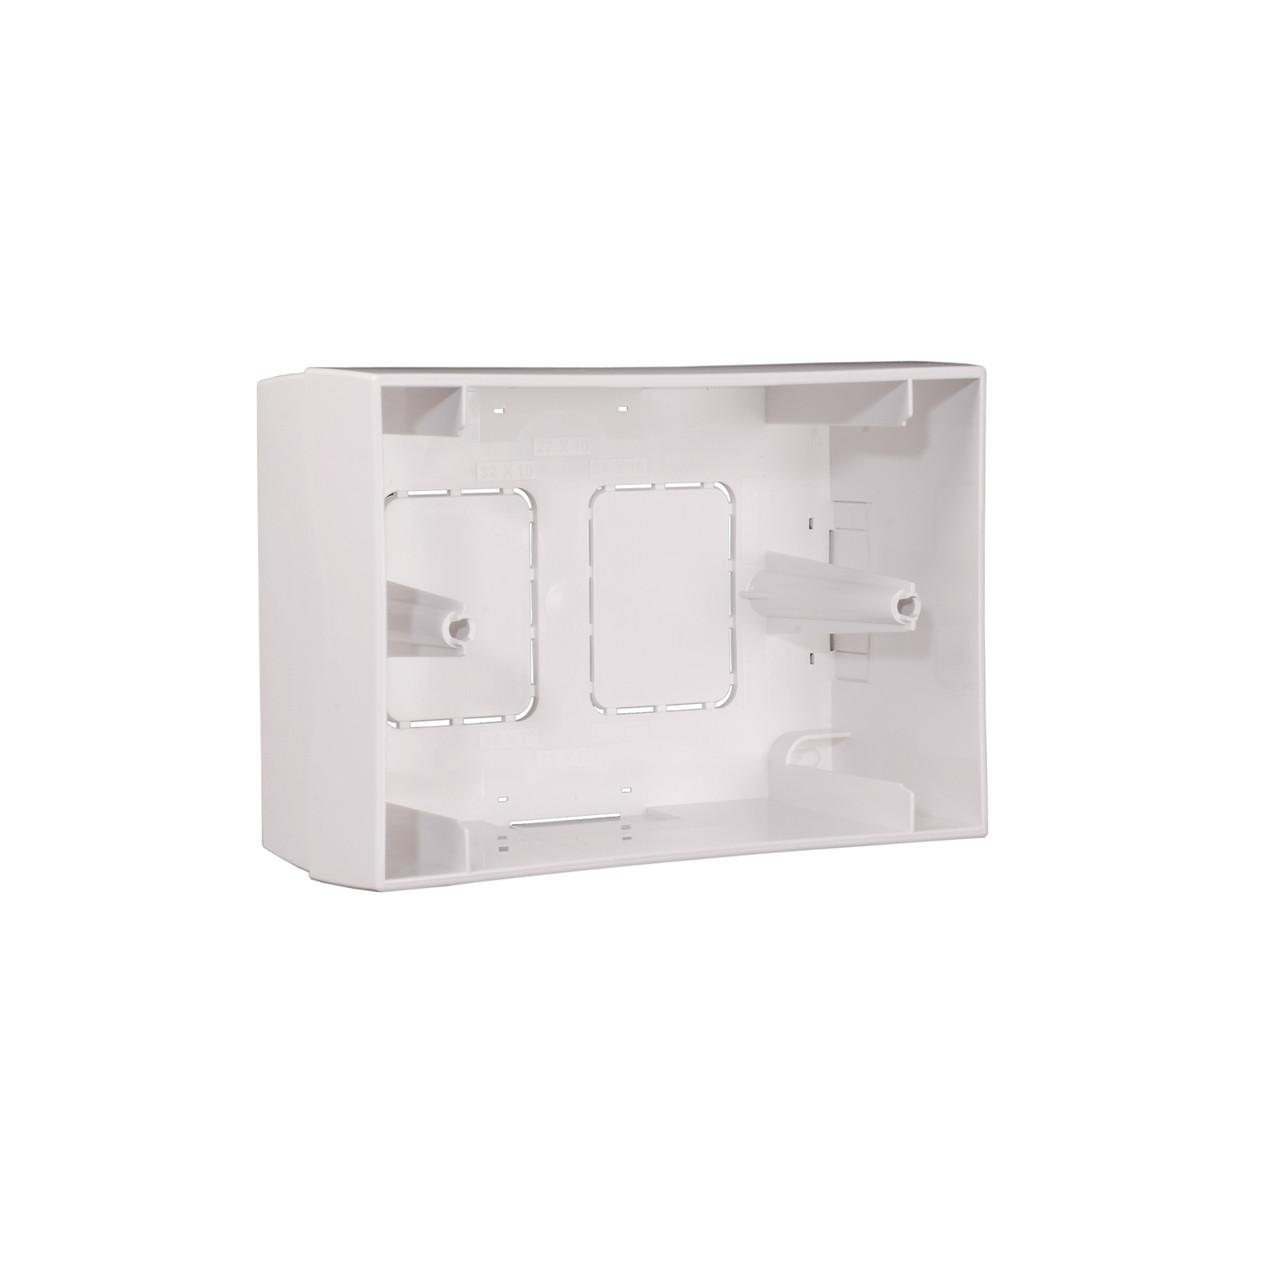 Наружная монтажная коробка Apart BB1 для панели управления ZONE4R white